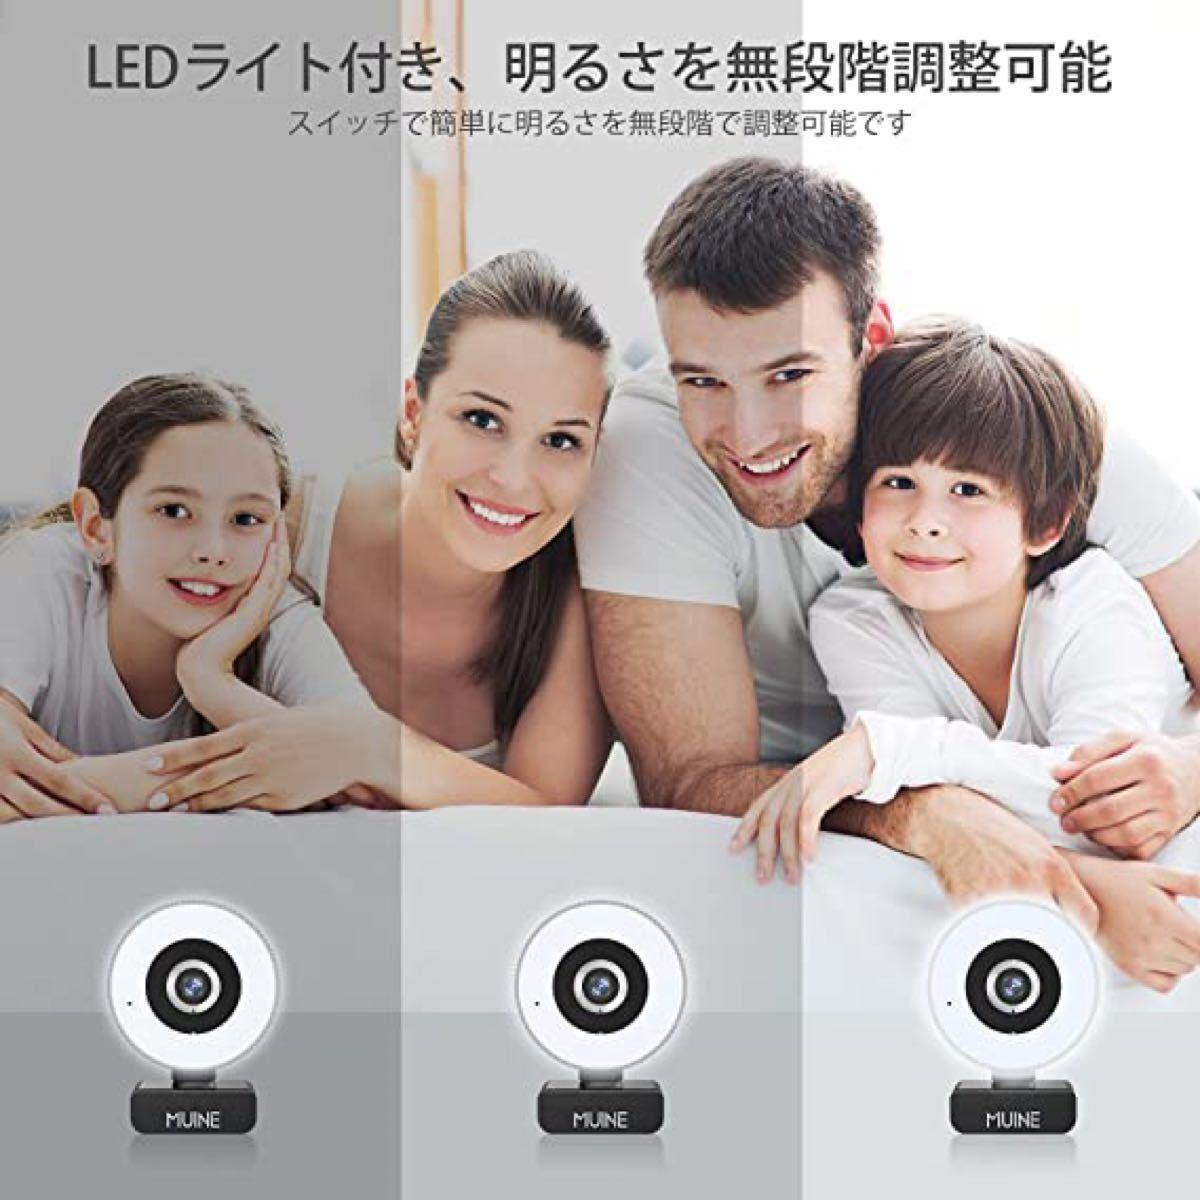 ウェブカメラ WEBカメラ 新品未使用 フルHD1080P 200万画素 高画質 三脚付き リングライト LEDライト付き 光補正